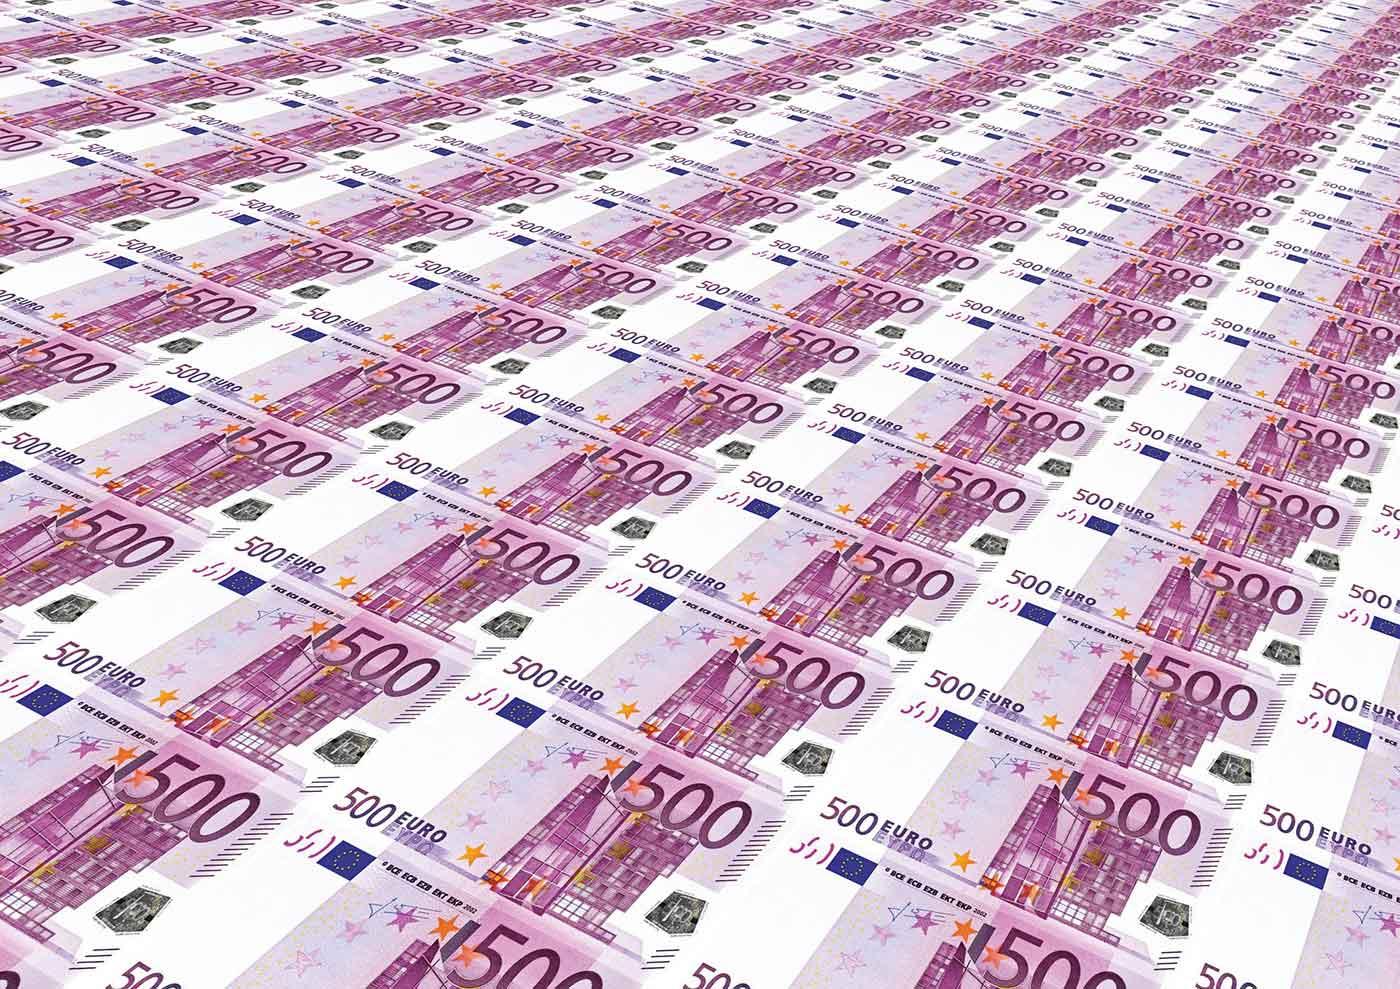 Sheet of euros